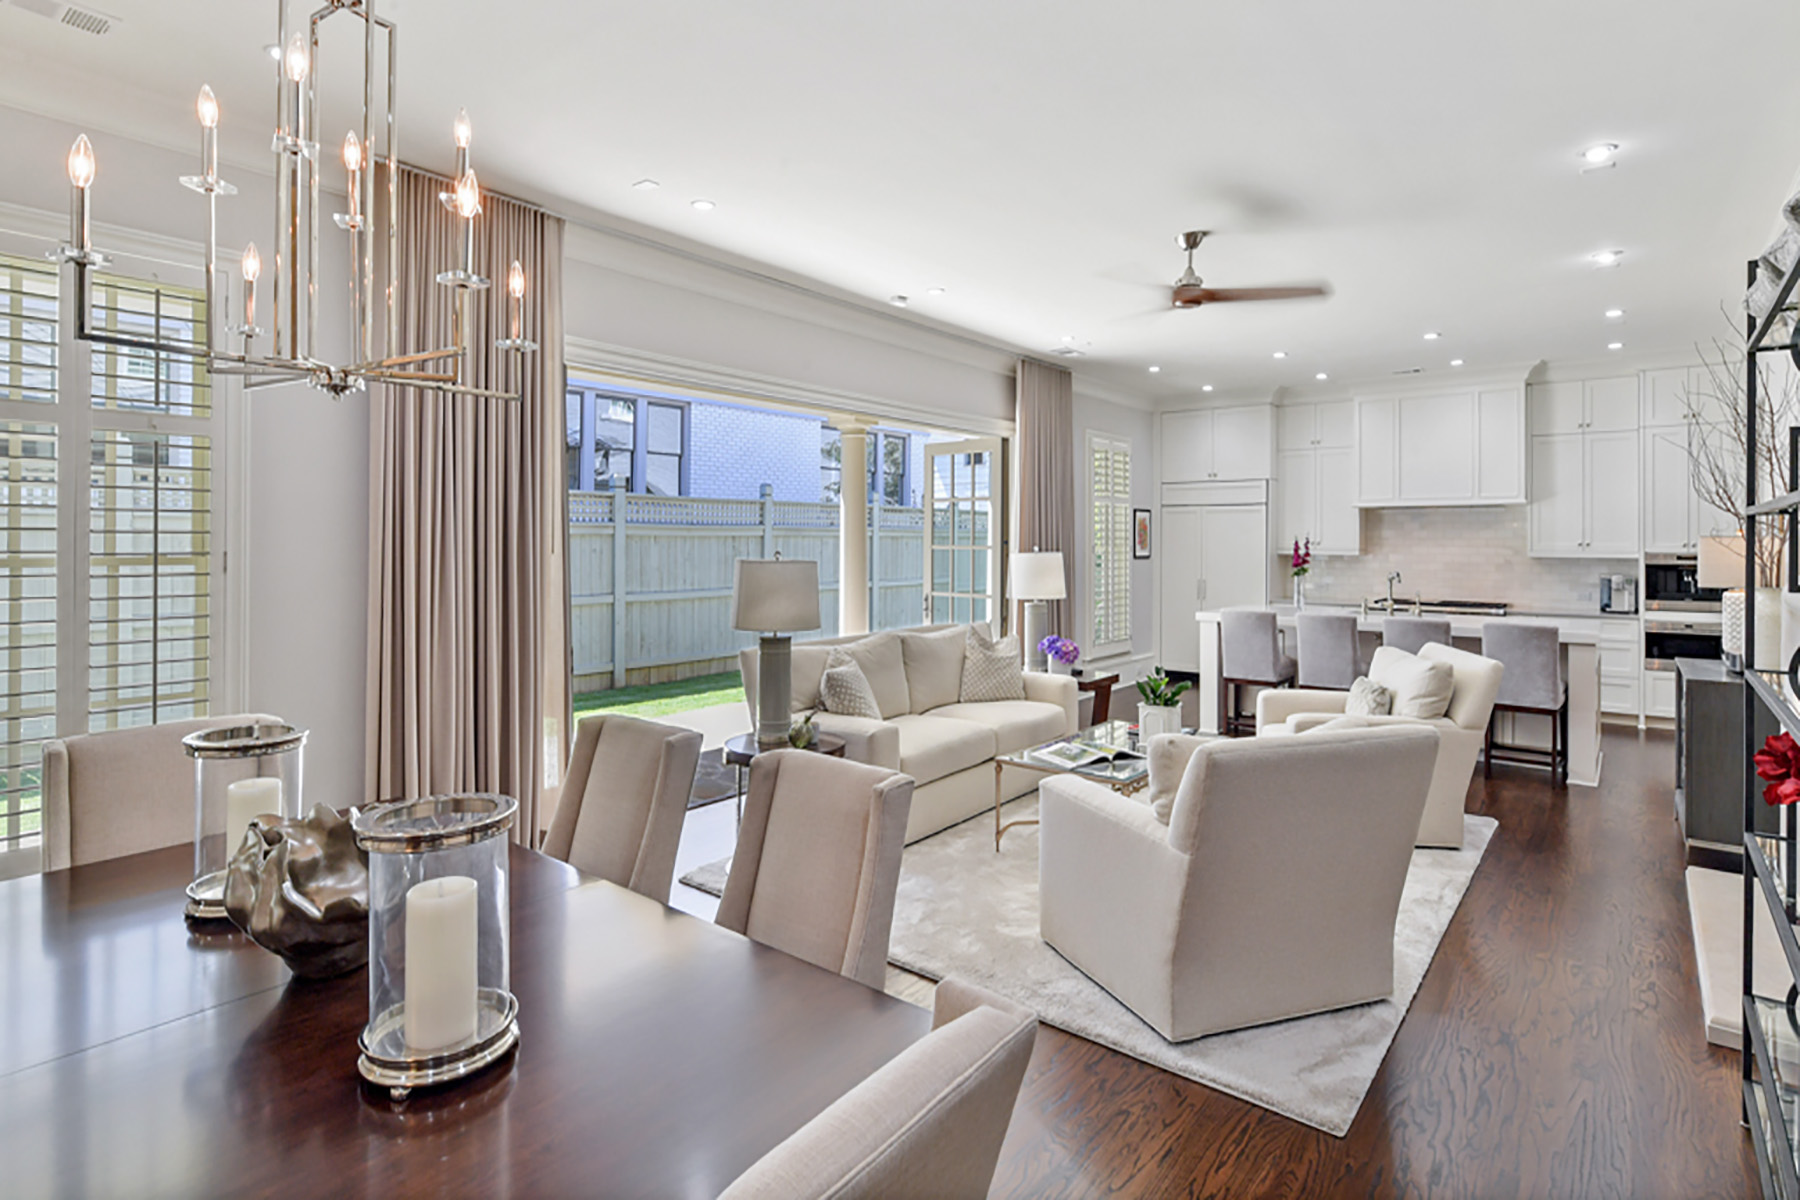 townhouses pour l Vente à Sophisticated Luxury Town-home In Ansley Park Atlanta 1400 Piedmont Rd 1, Atlanta, Georgia 30309 États-Unis